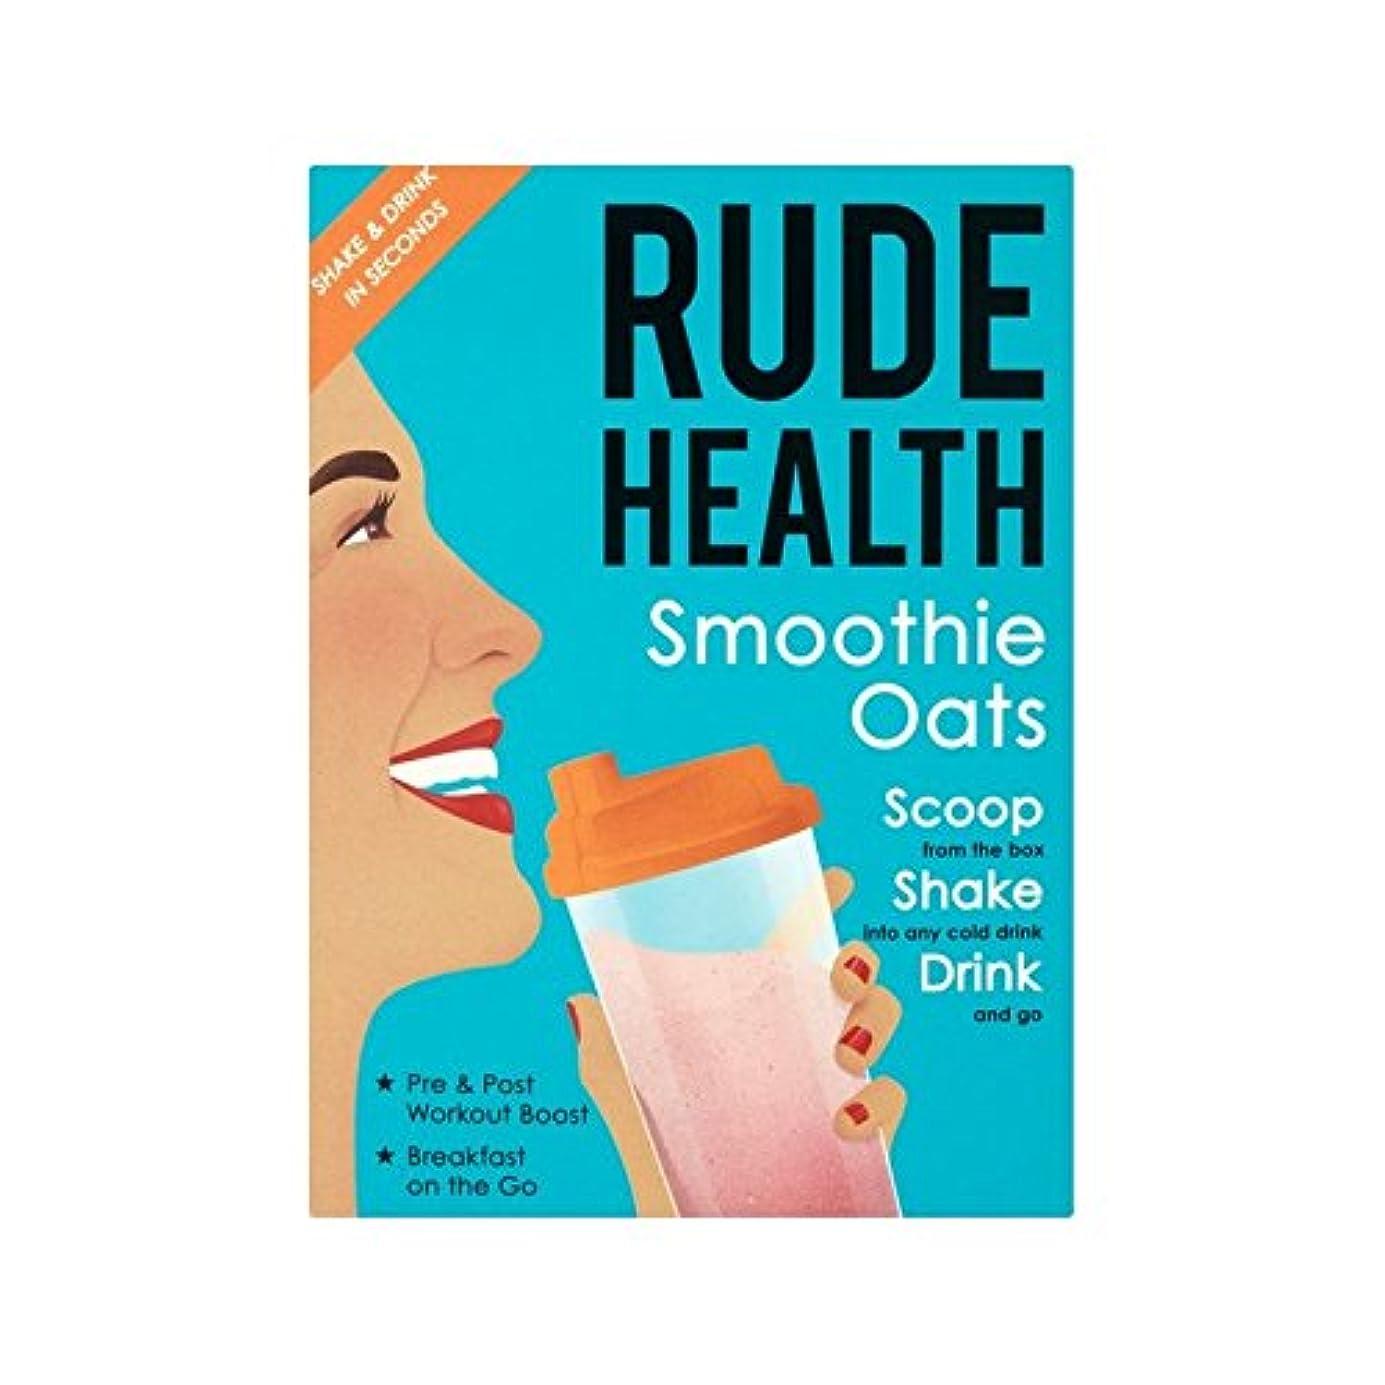 周囲建築家流出スムージーオート麦250グラム (Rude Health) (x 4) - Rude Health Smoothie Oats 250g (Pack of 4) [並行輸入品]